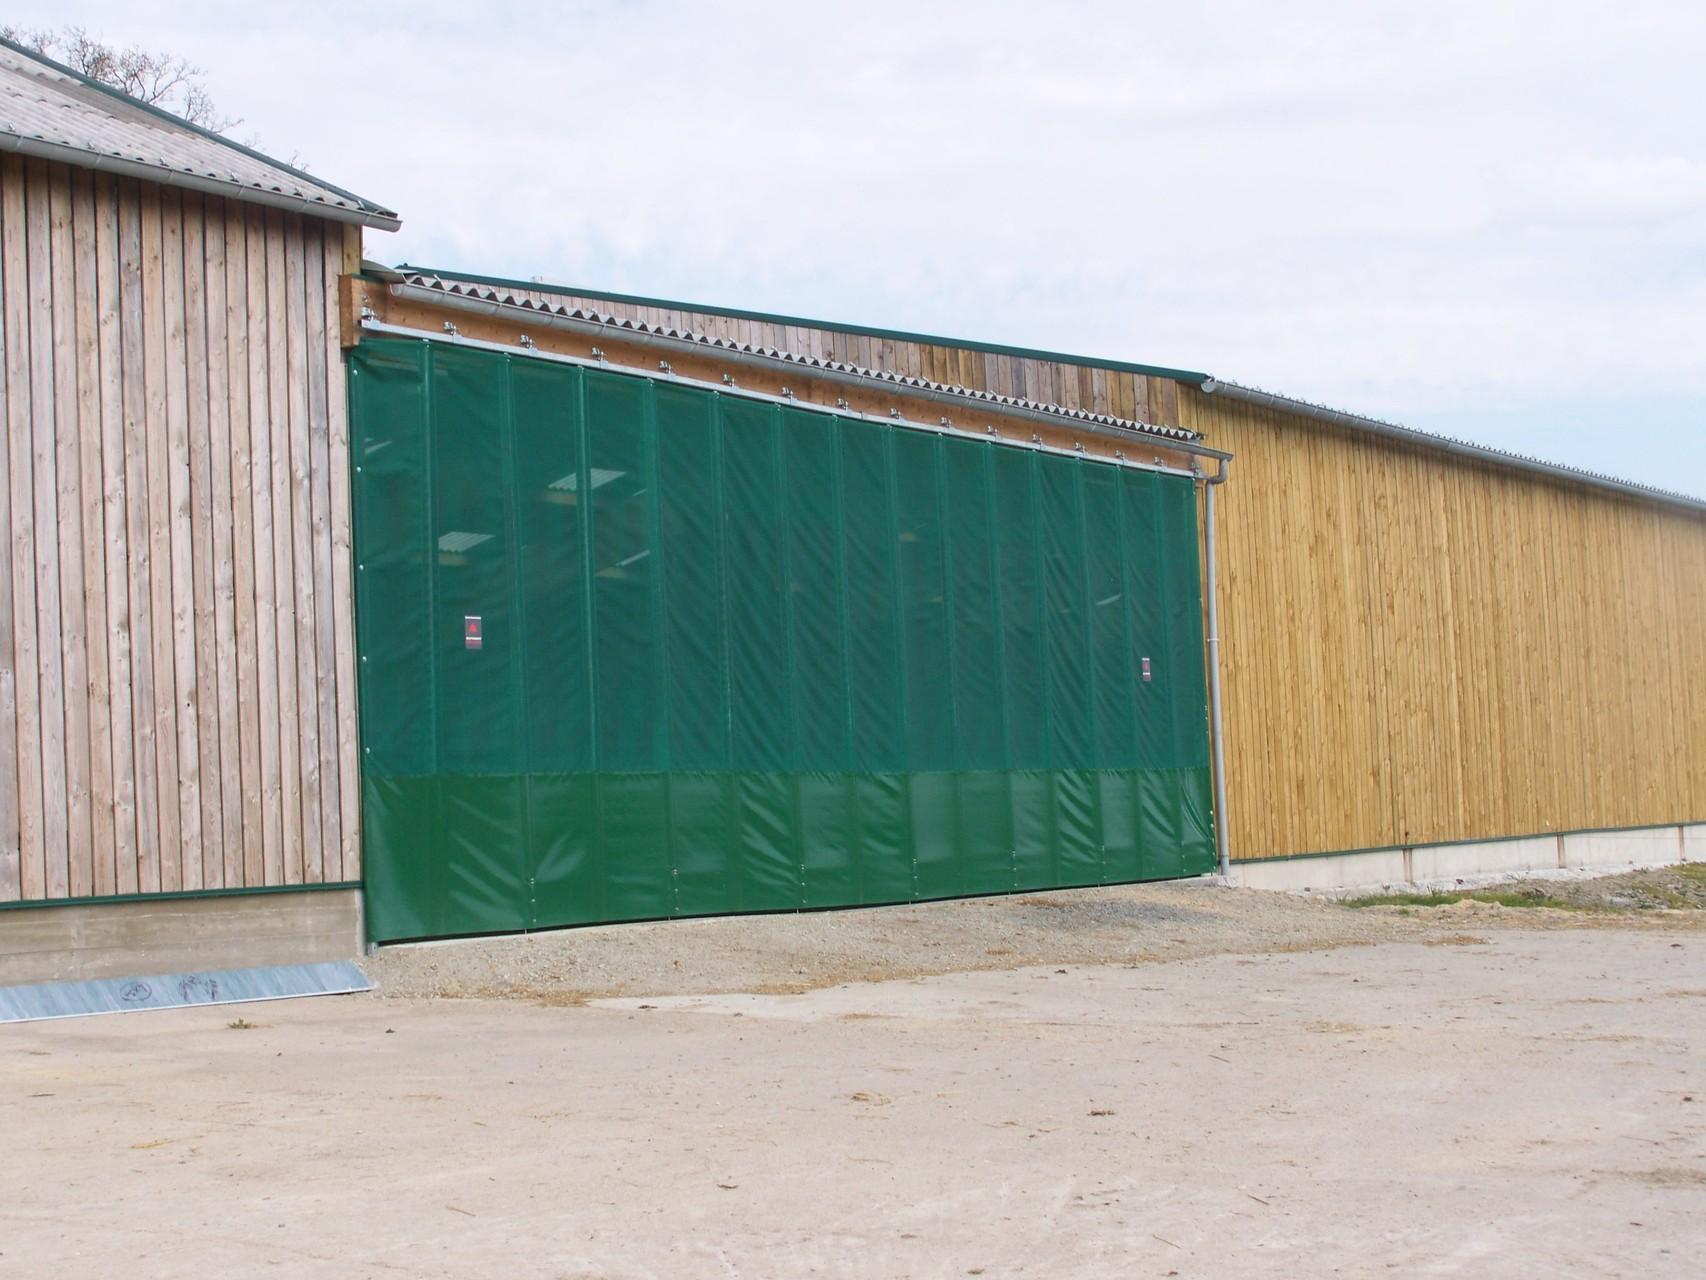 Rail Porte Coulissante Hangar Agricole Rd Railfr Photographies - Rail porte coulissante hangar